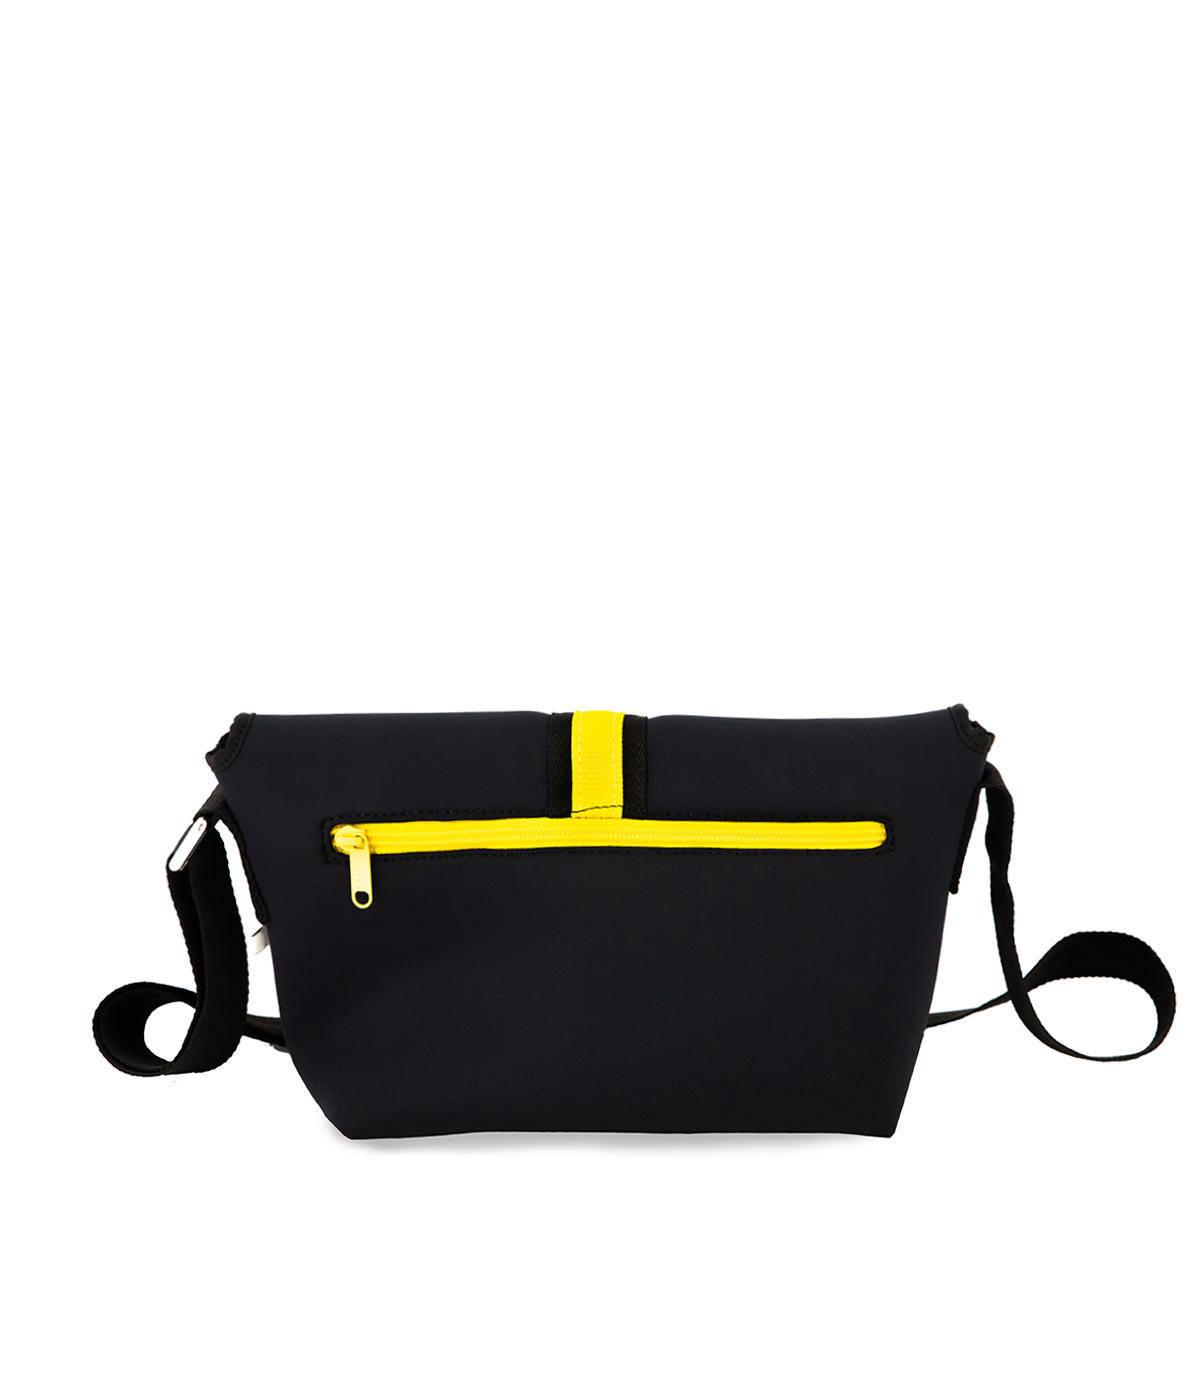 Tracolla Neoprene Impermeabile Nero Quitto Bags